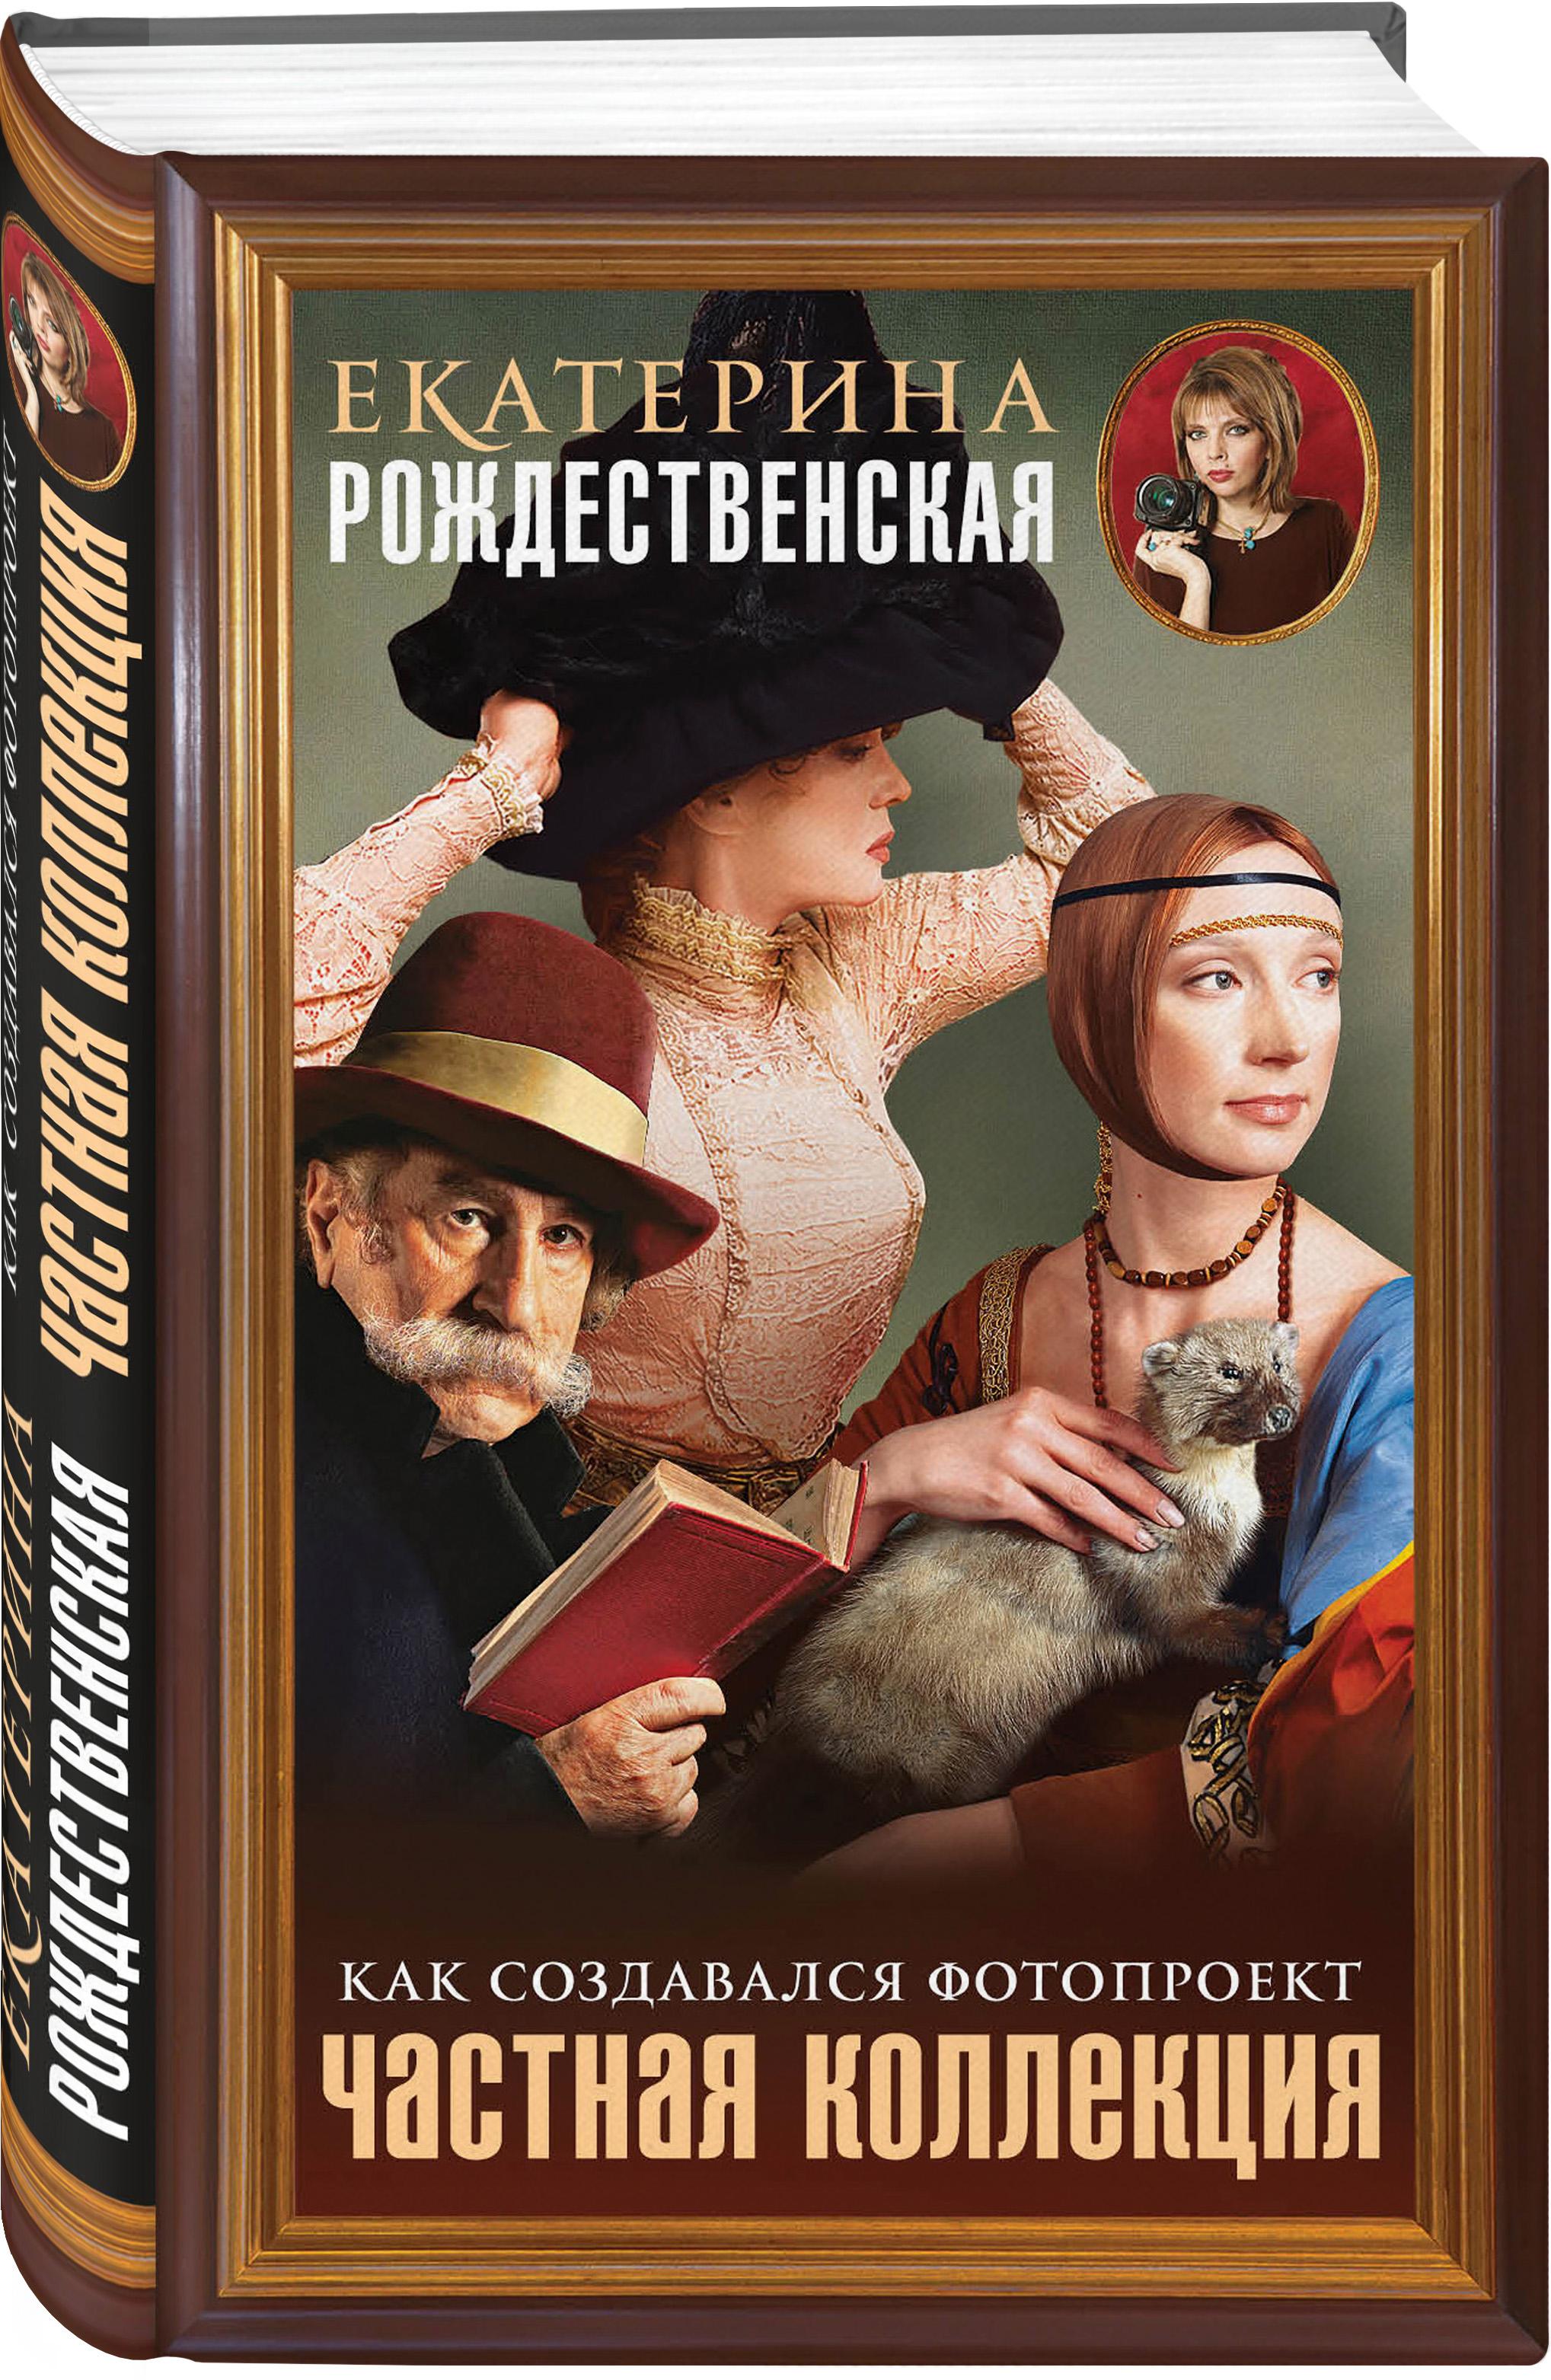 Екатерина Рождественская Частная коллекция. Как создавался фотопроект